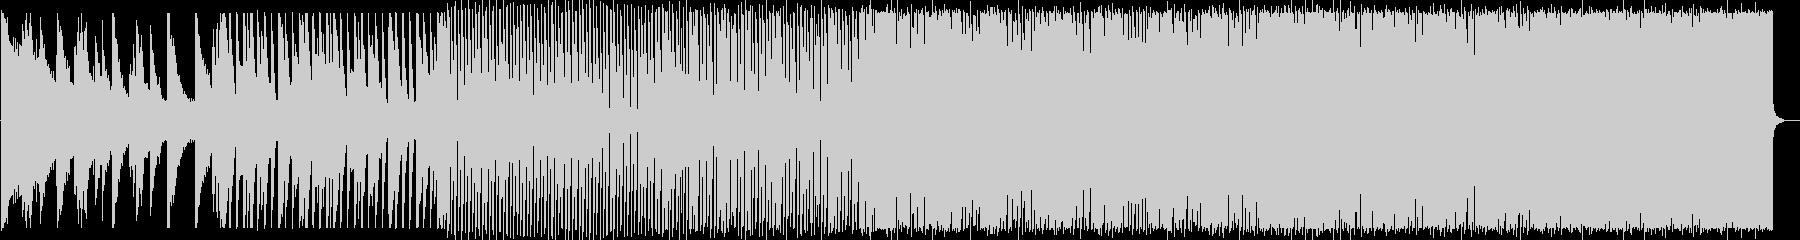 涼しげで疾走感のあるハウスNo578_3の未再生の波形